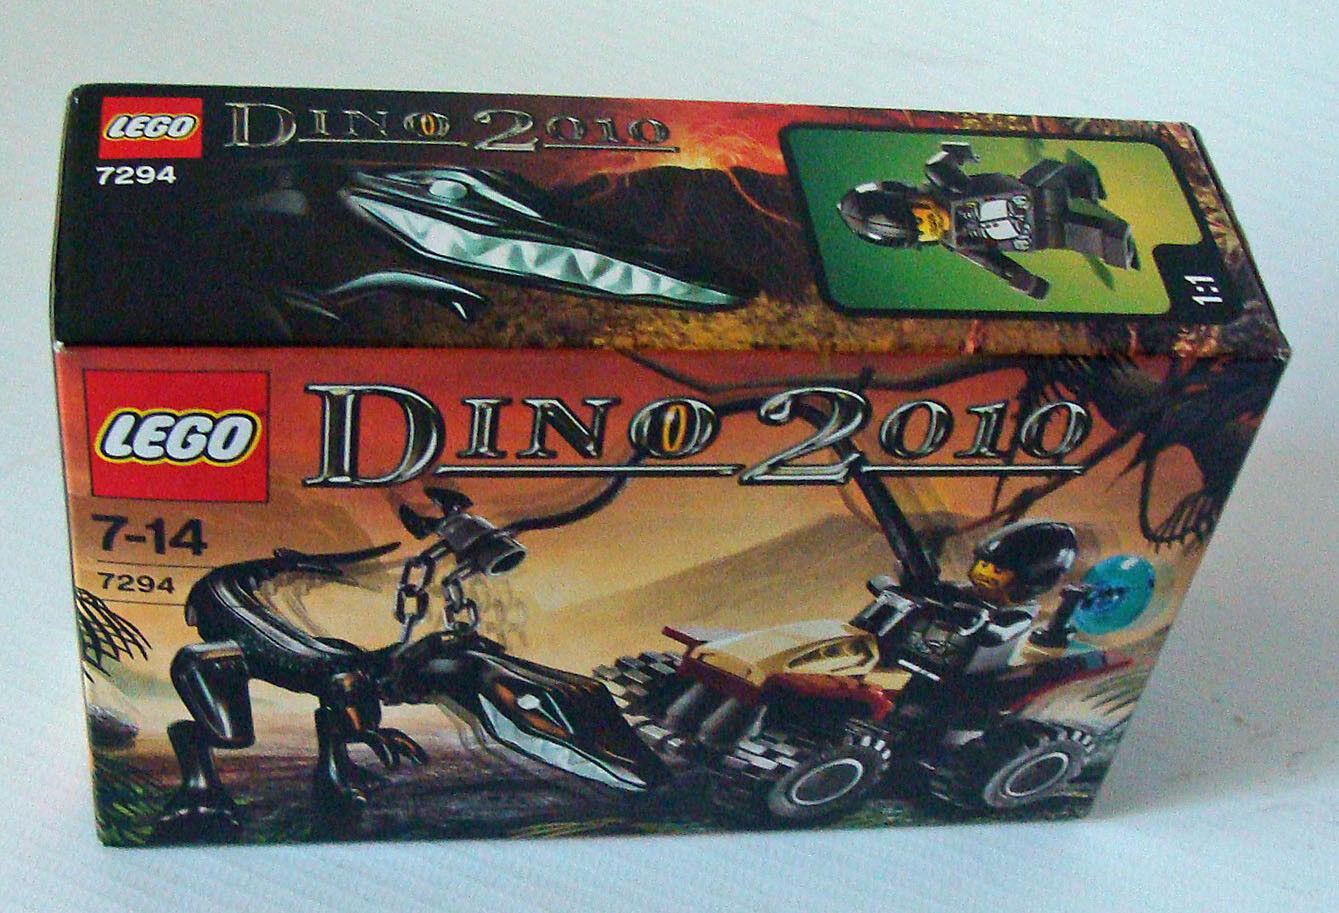 LEGO ® dino 2010 7294-Dino terrain Véhicule 39 pièces 7-14 ans-NEUF